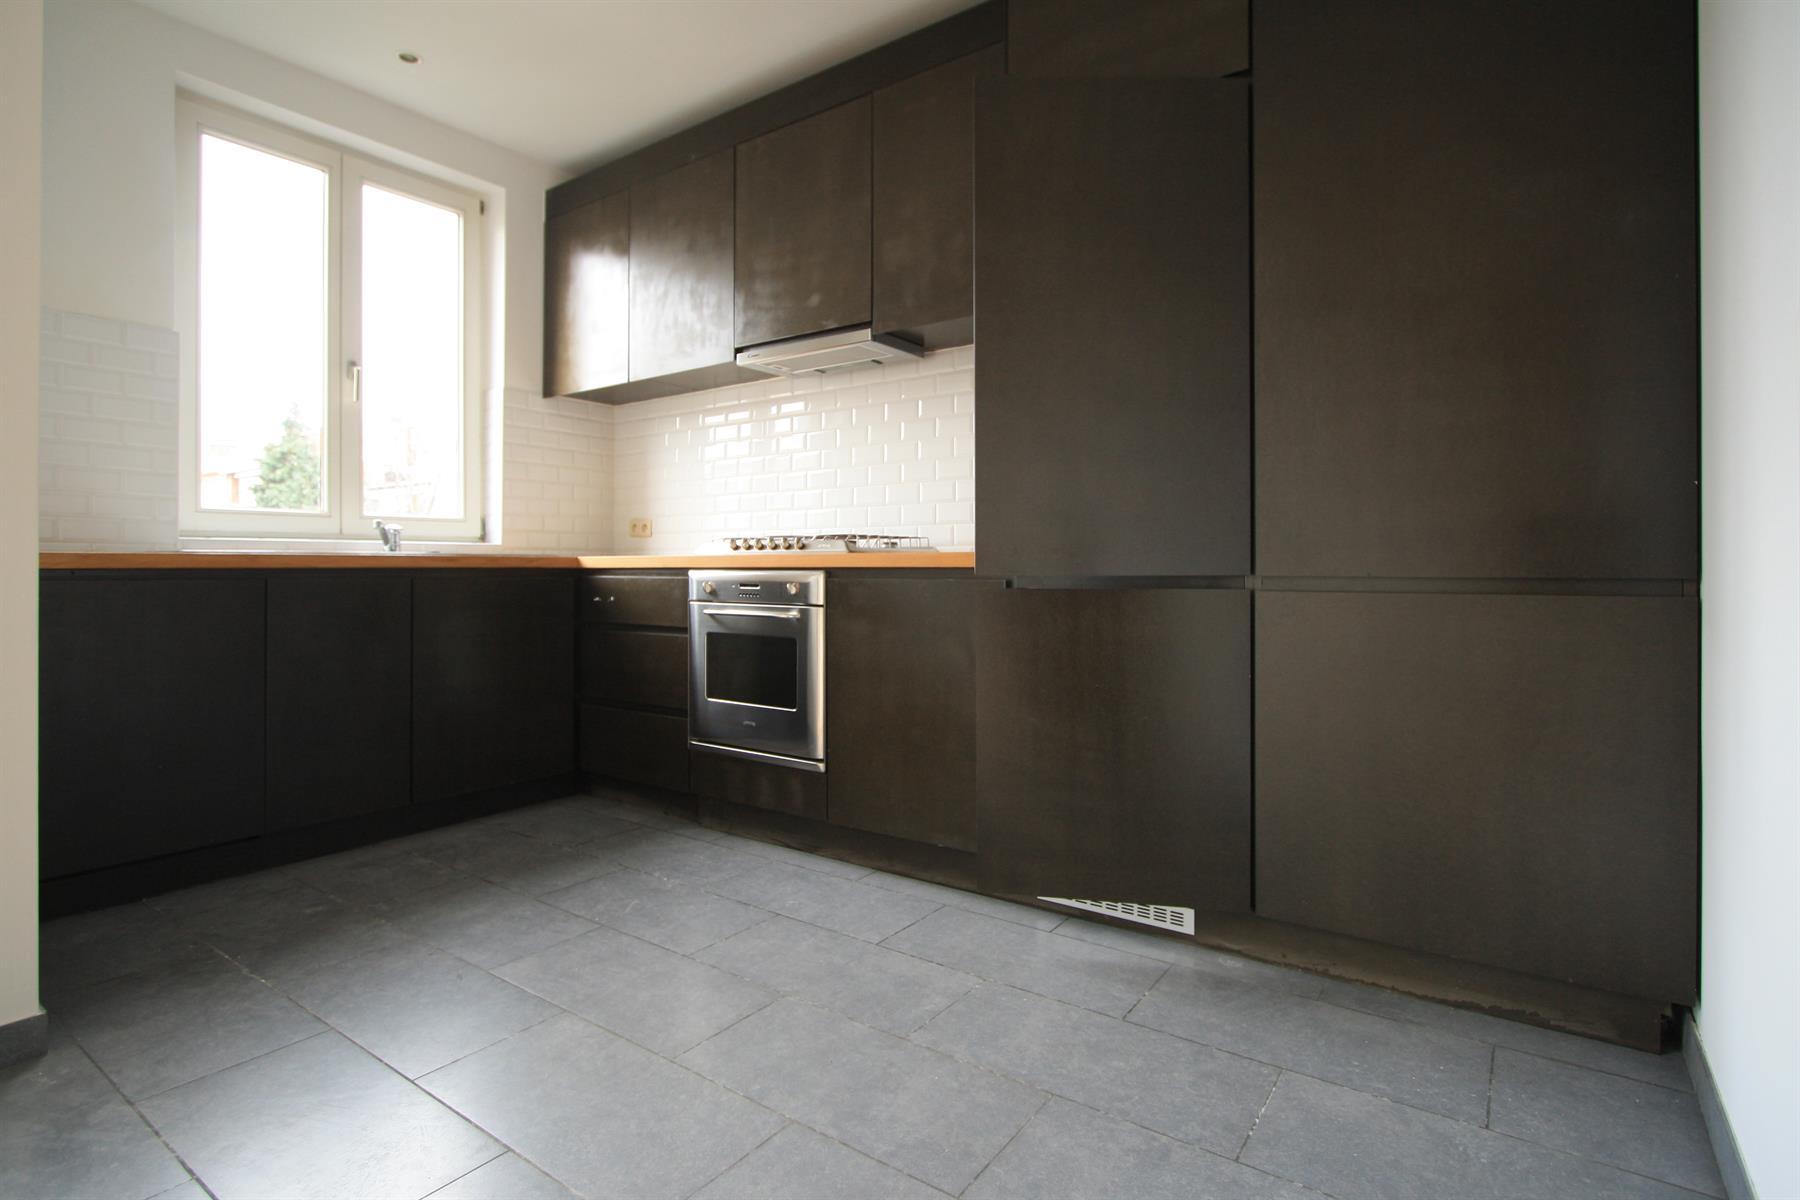 Appartement - Etterbeek - #4448025-6